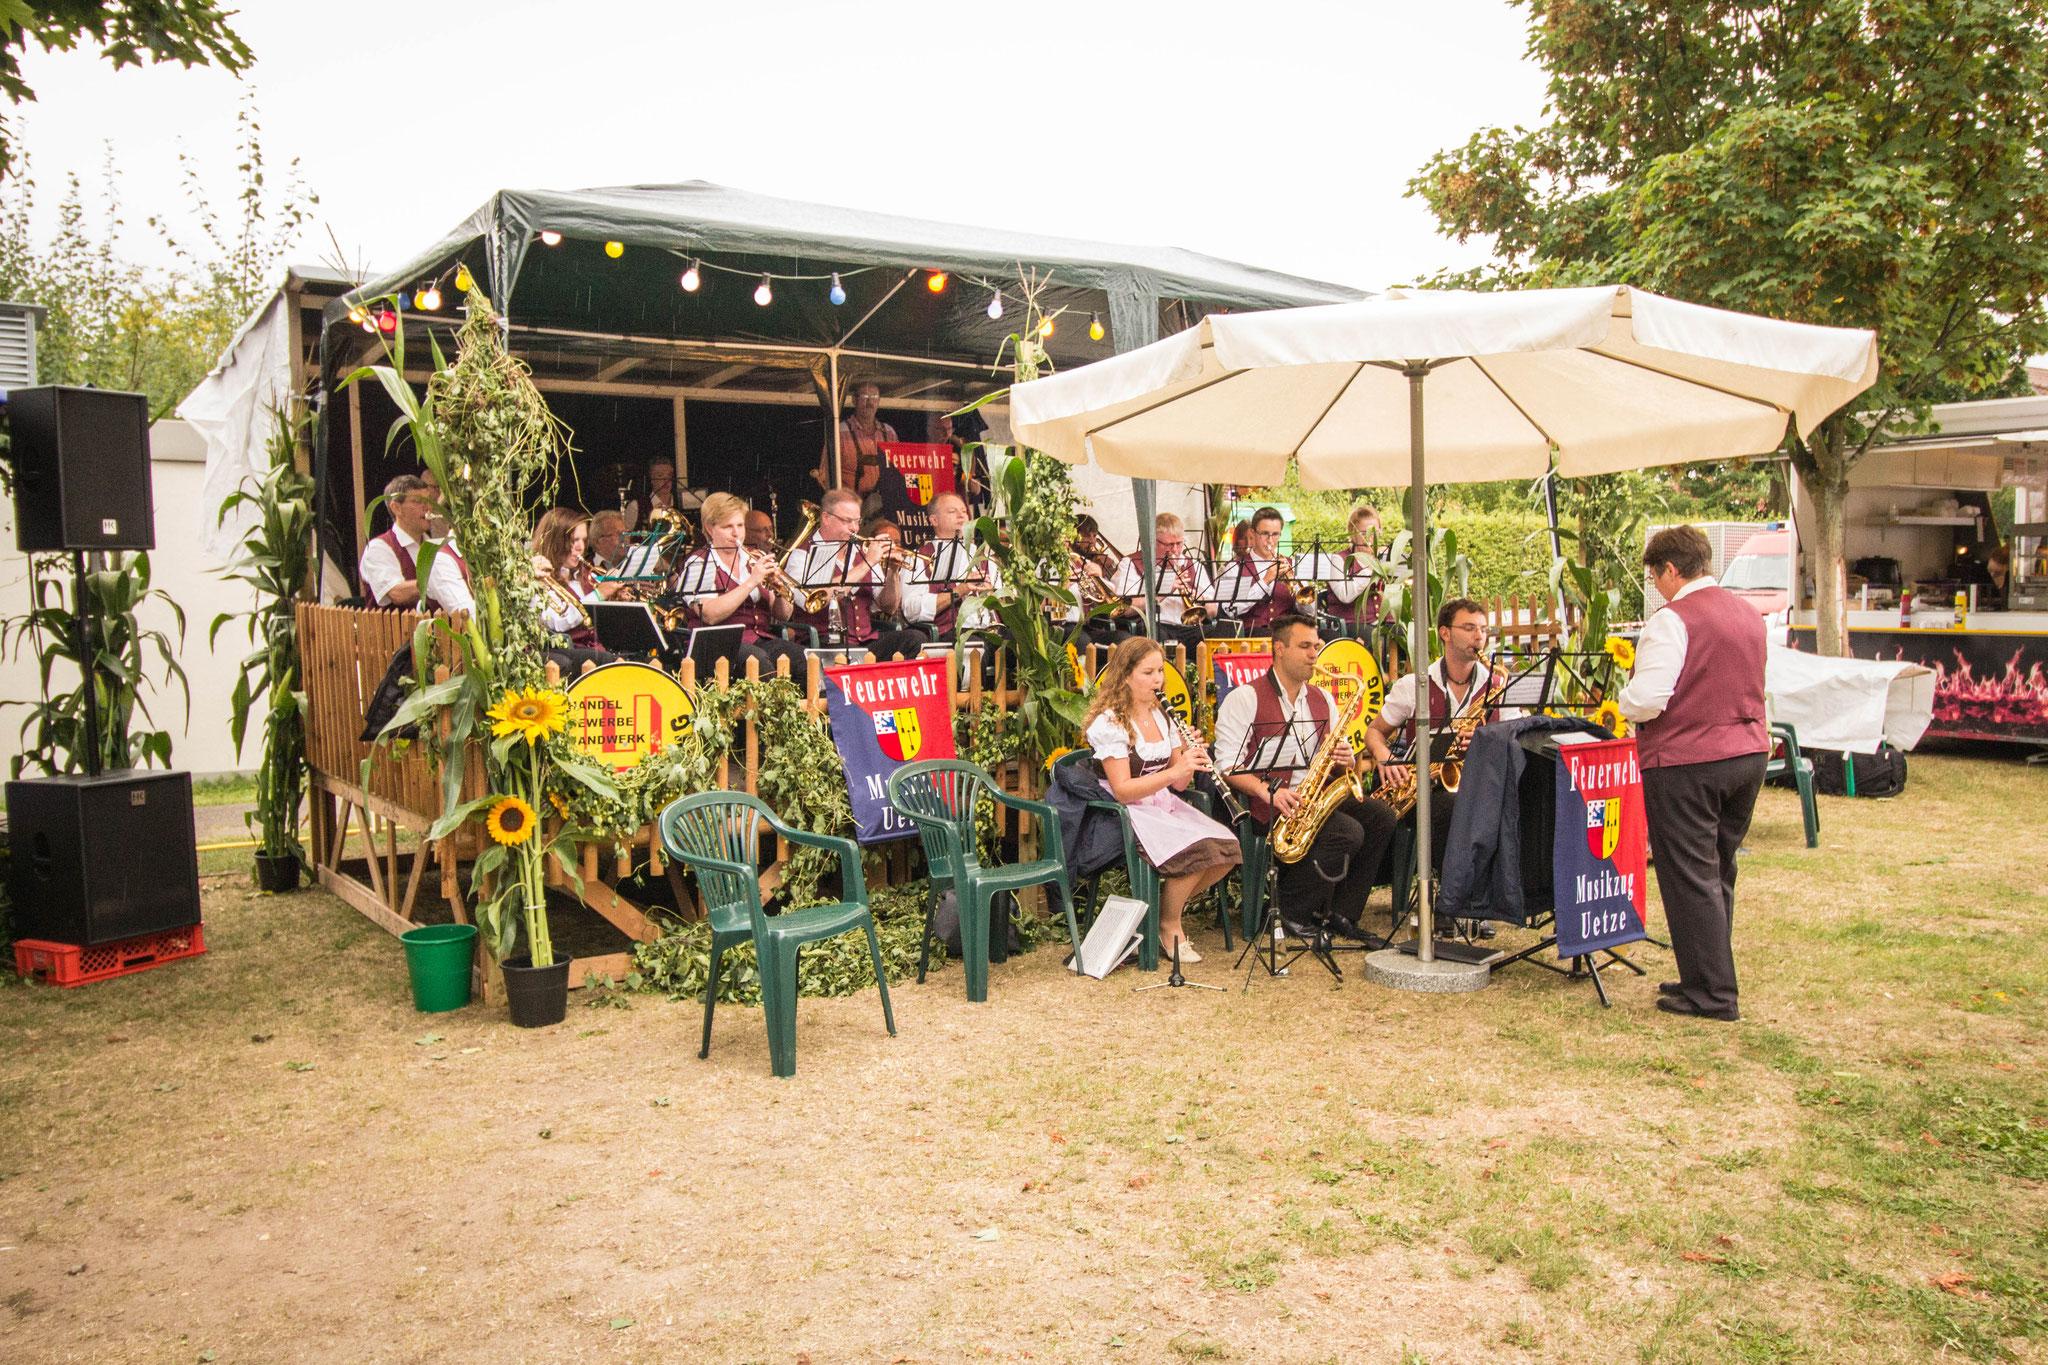 Der Feuerwehr Musikzug Uetze spielte am Samstag auf dem Weinfest des Uetzer Rings